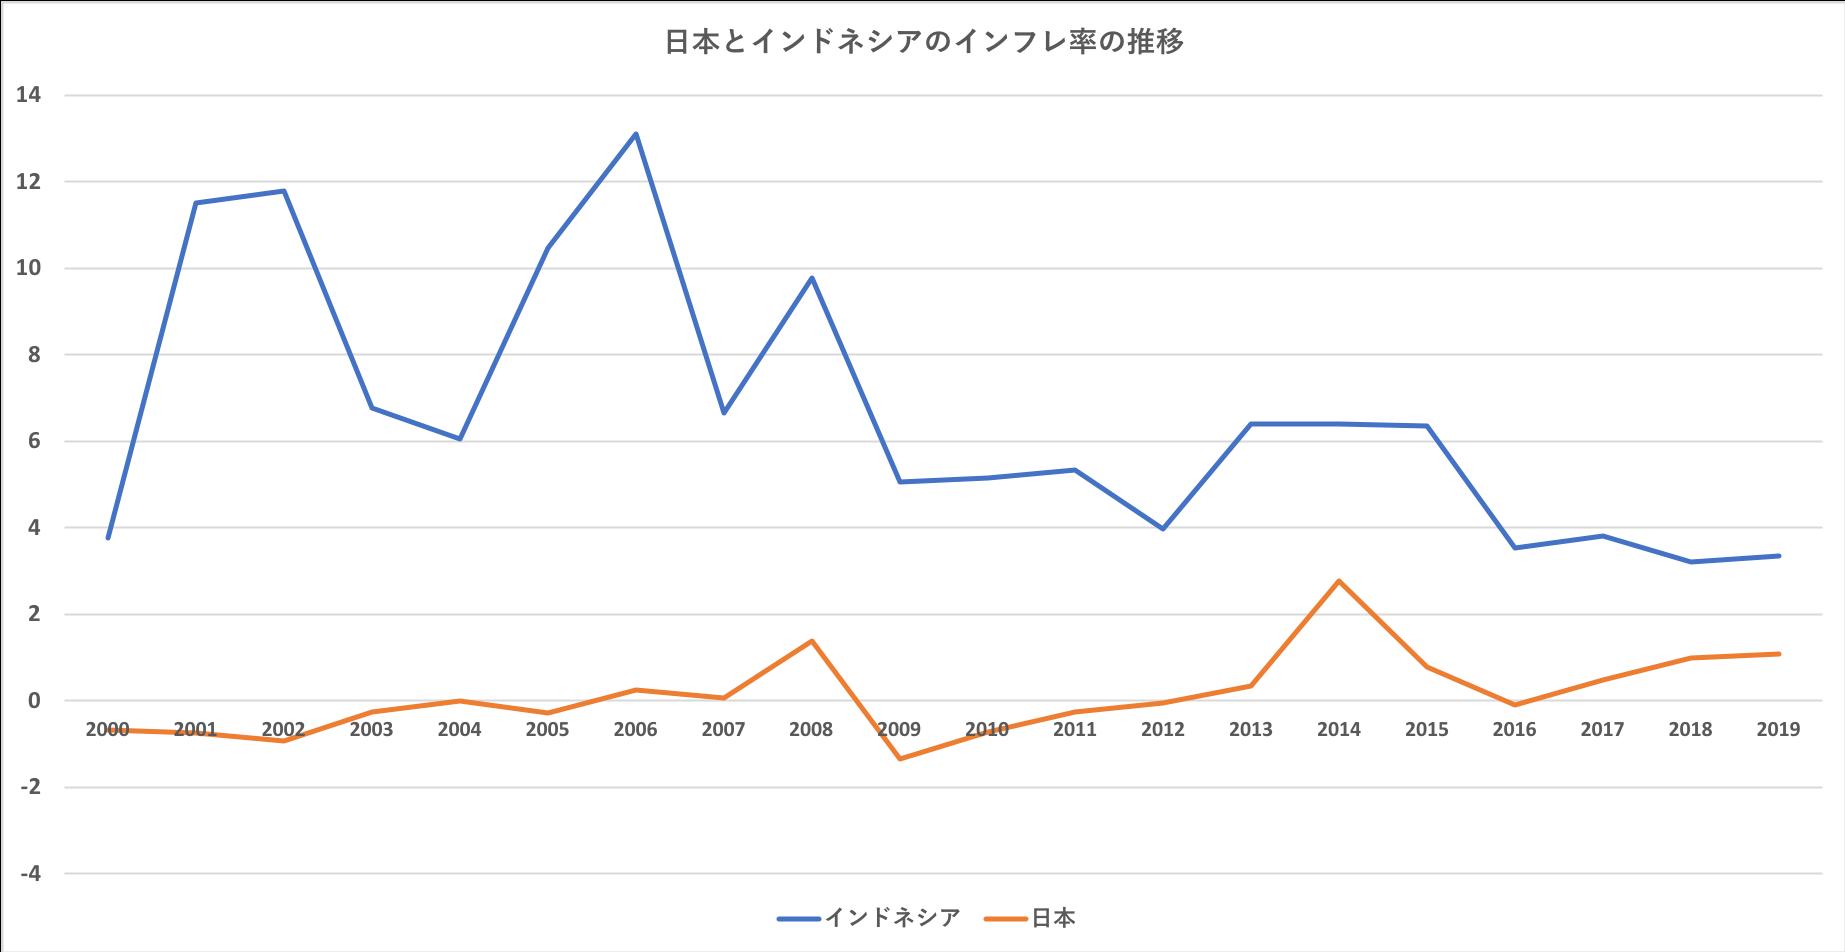 日本とインドネシアのインフレ率の推移